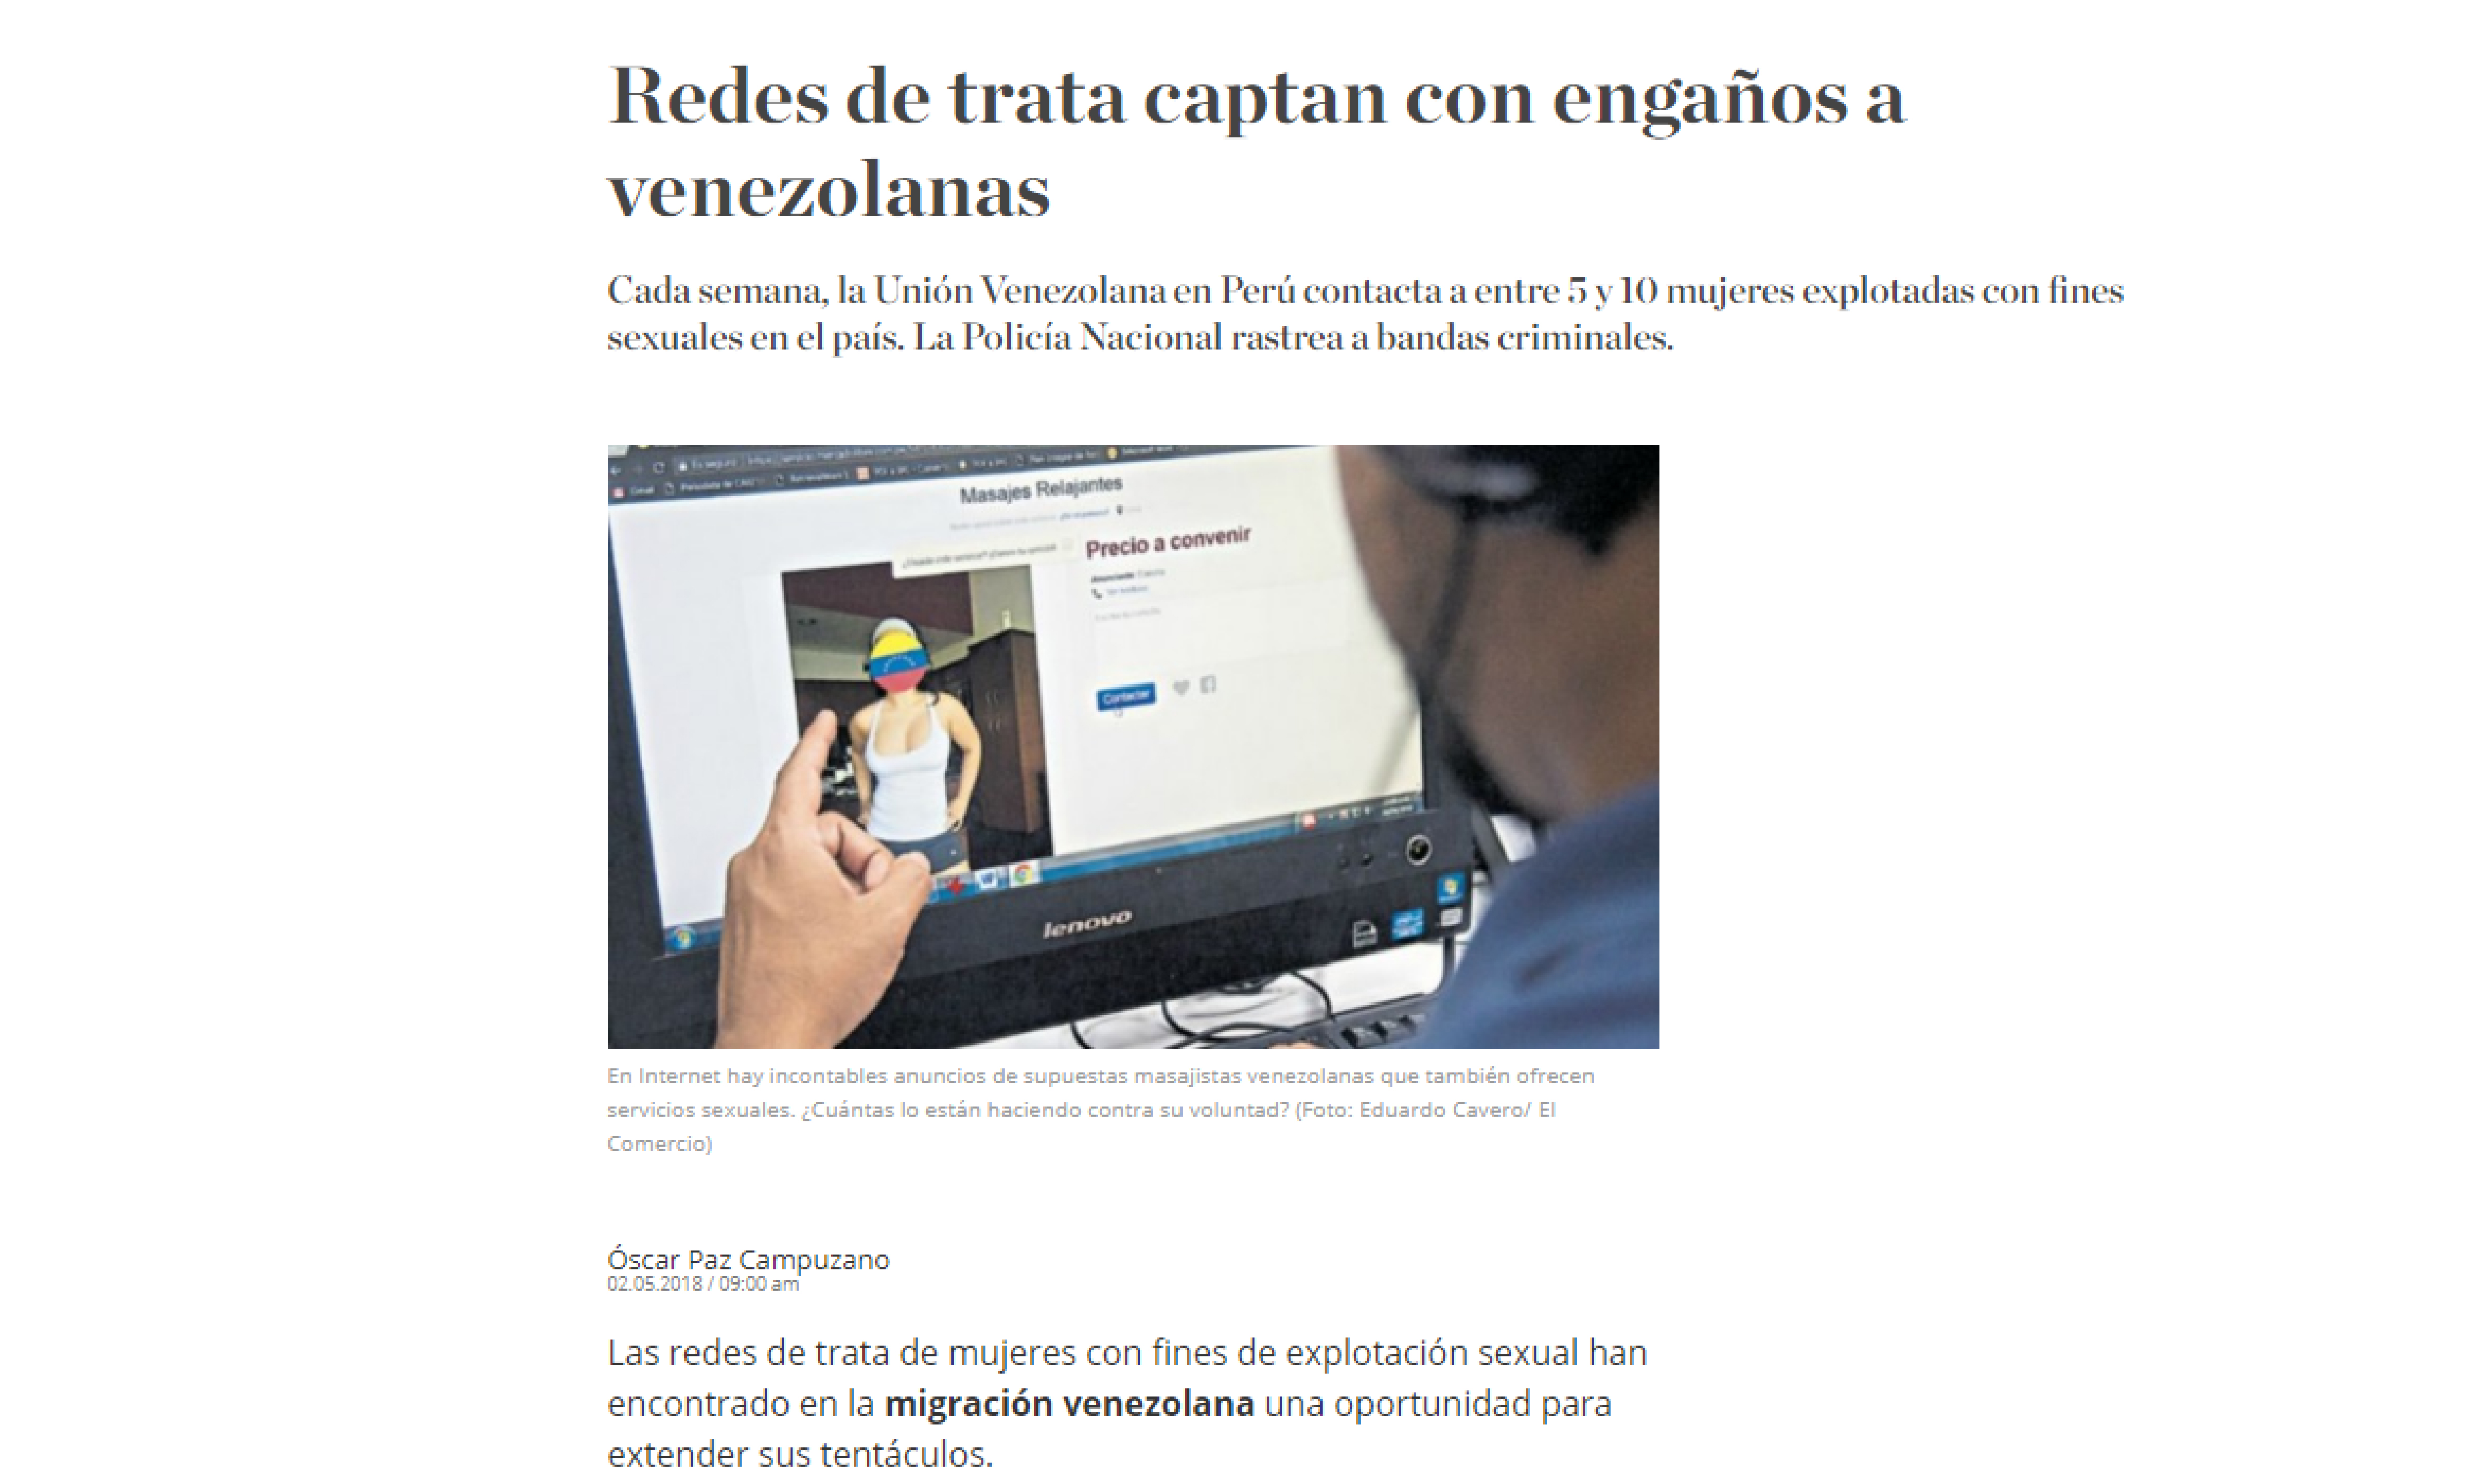 El Comercio: Redes de trata captan con engaños a venezolanas